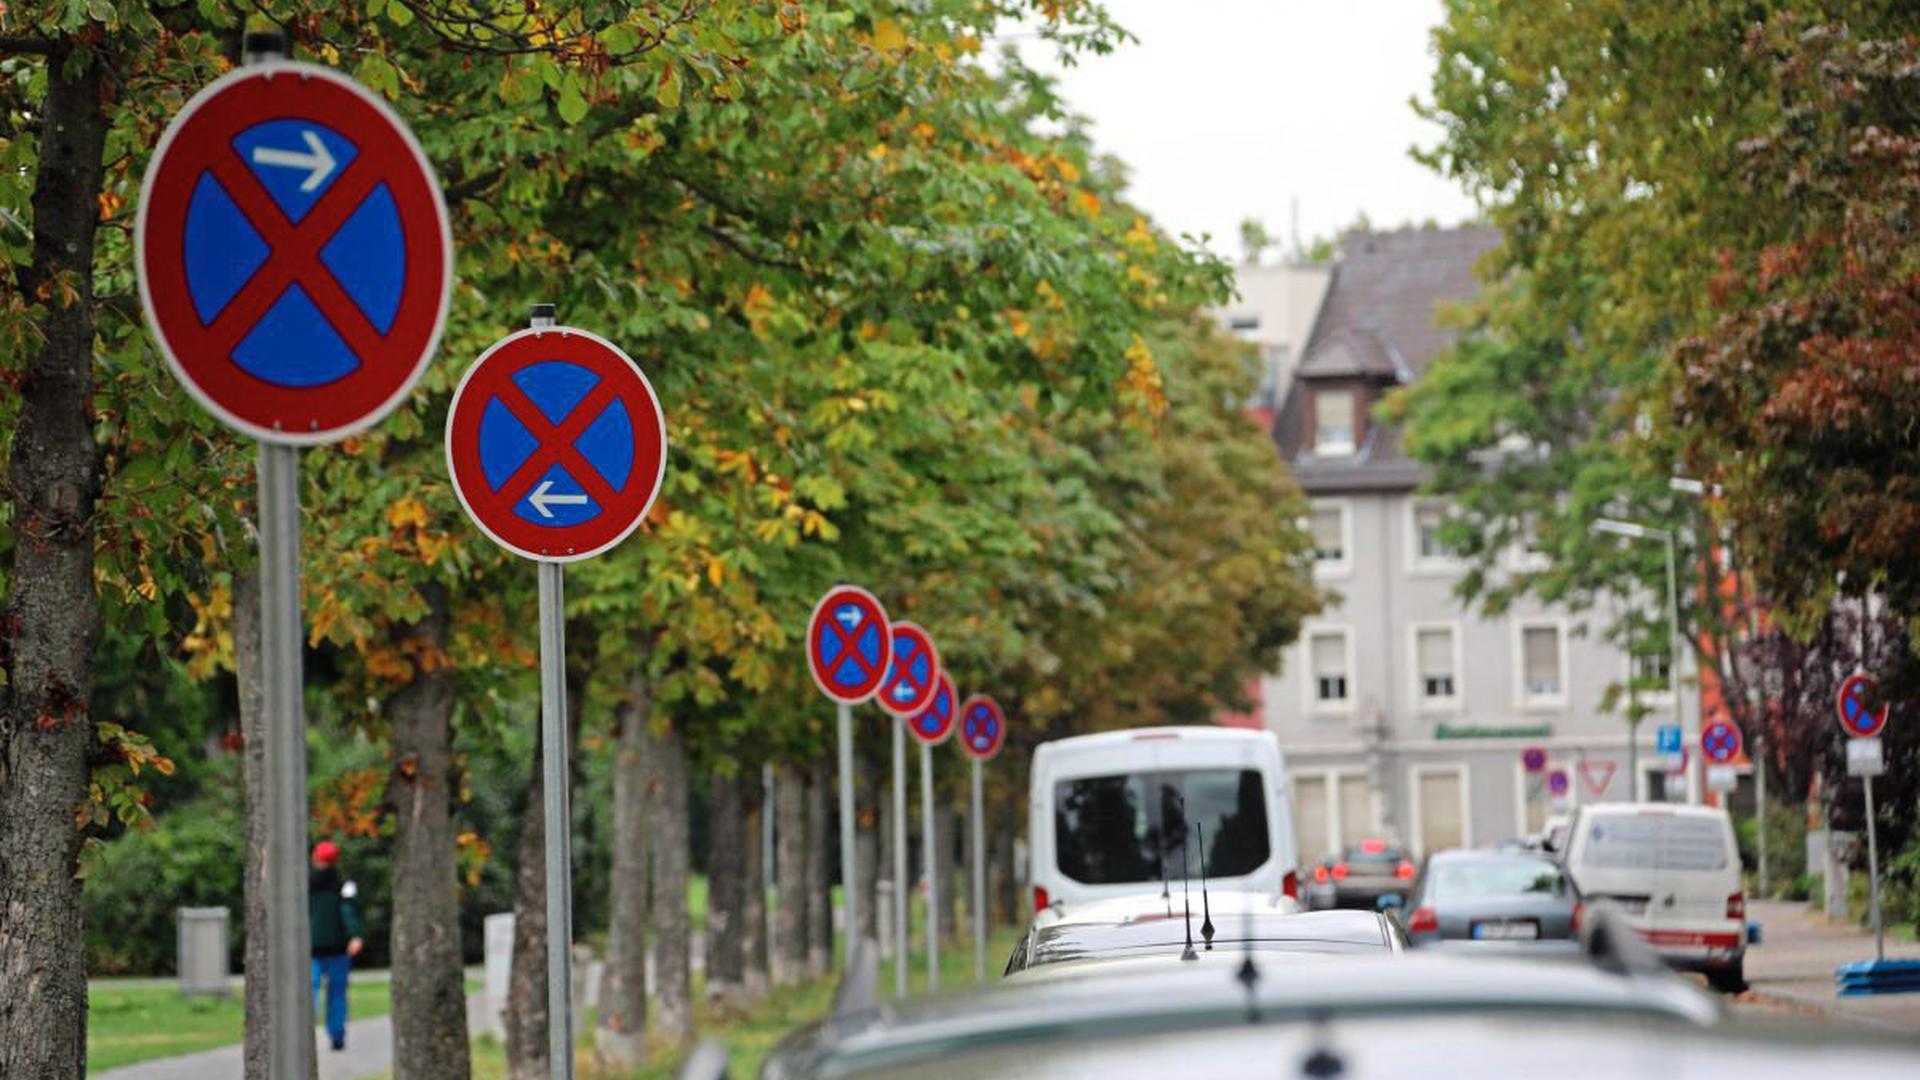 Halten oder nicht halten, das ist hier die Frage: An der Seldeneckstraße sorgen neu aufgestellte Verbotsschilder für Verwirrung bei den Anwohnern.